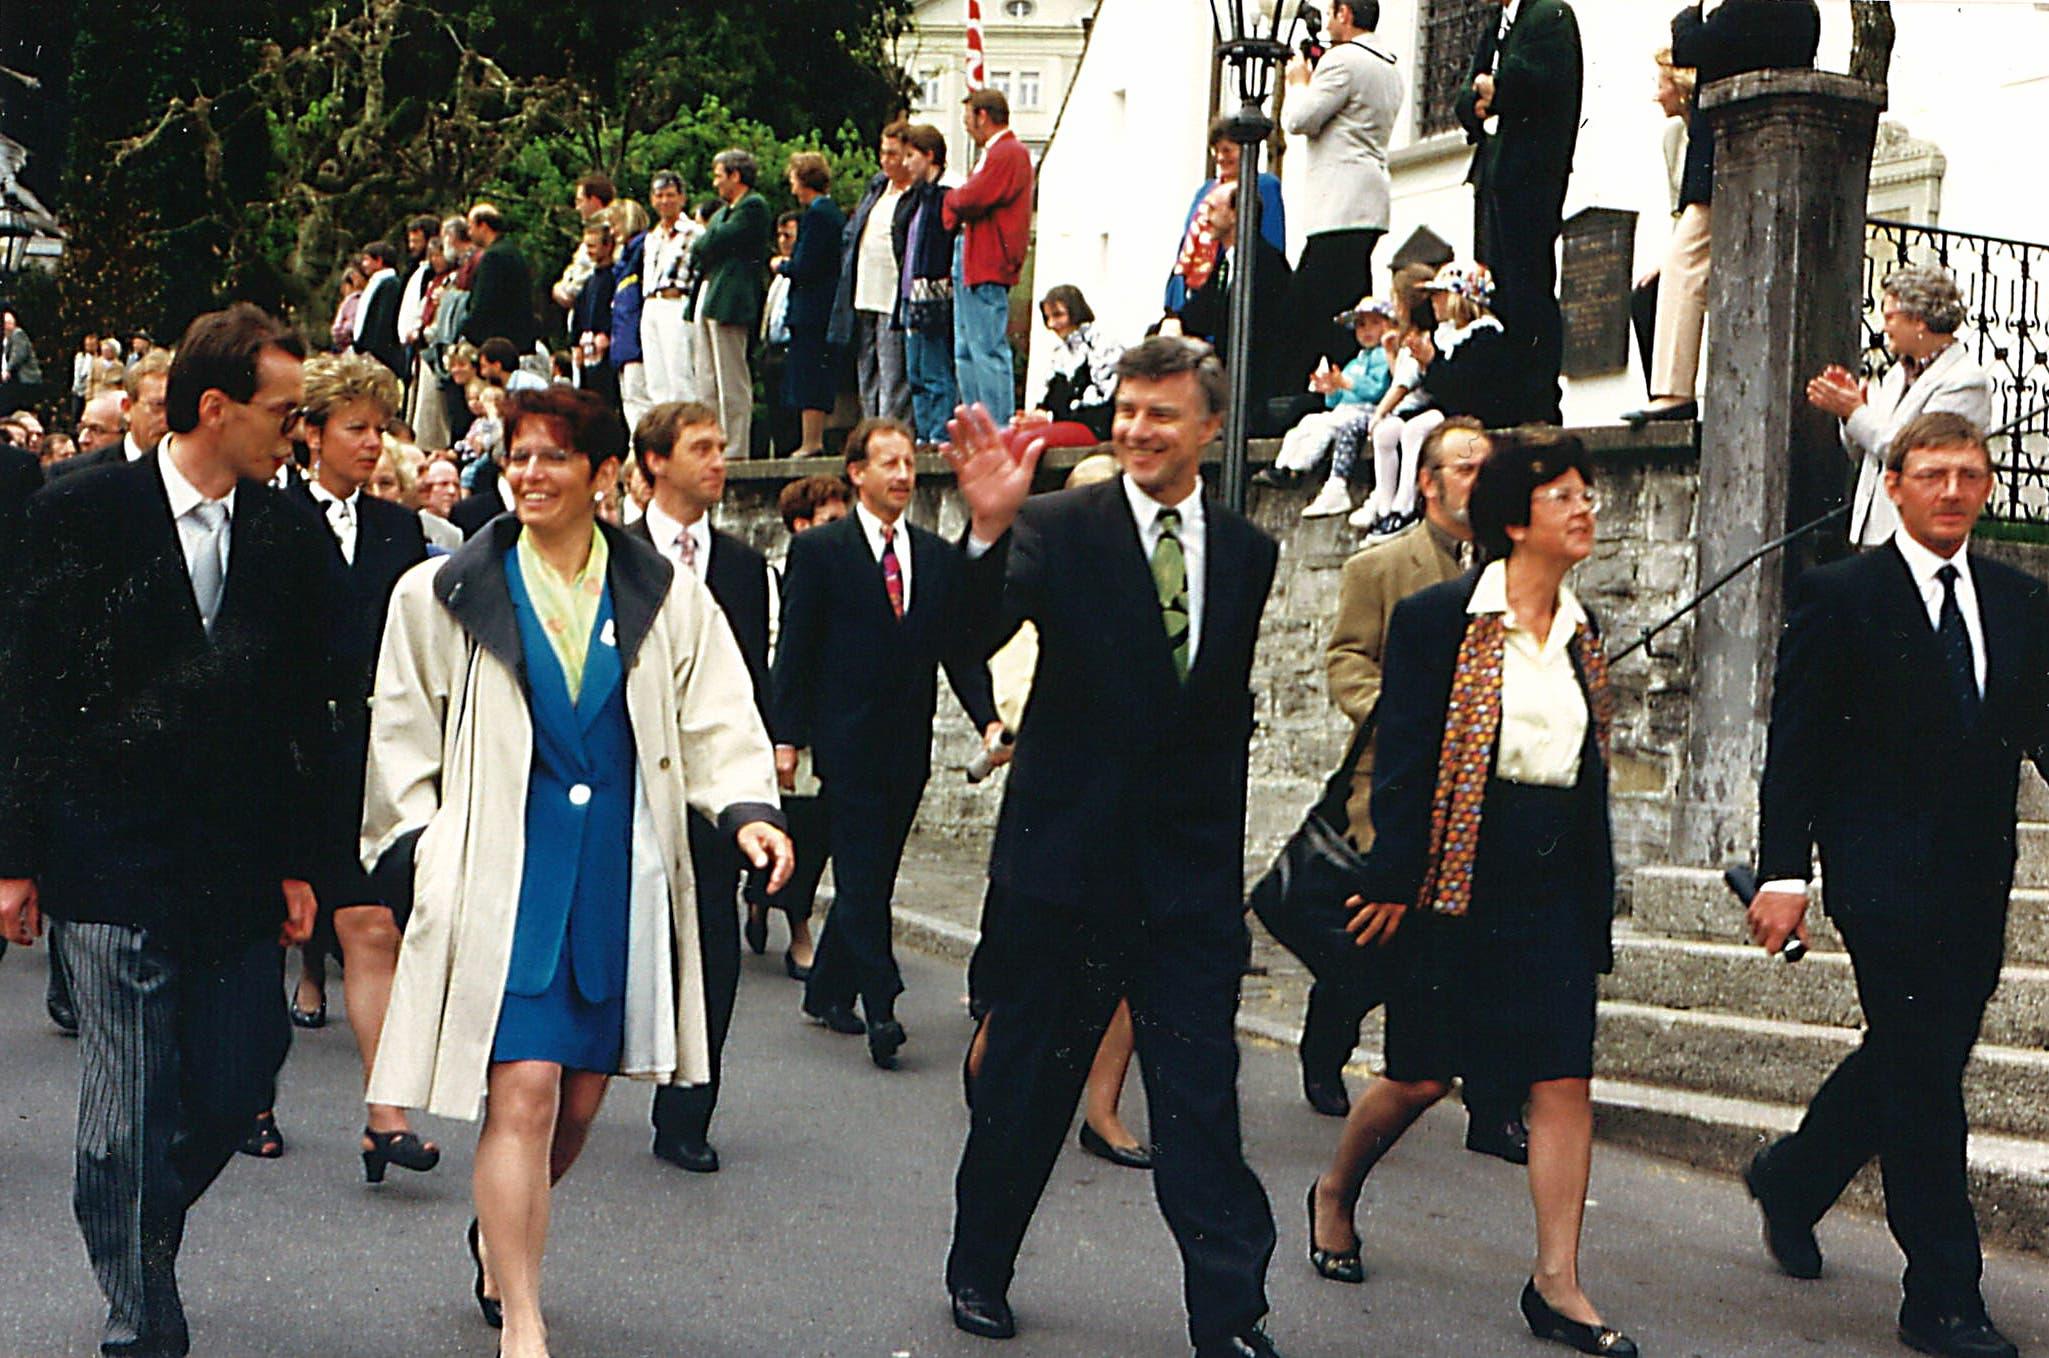 Marsch anlässlich der letzten Landsgmeinde am 28. April 1996 in Stans. Von links: Landratssekretär Hugo Murer, mit den Regierungsräten Beatrice Jann, Paul Niederberger, Marianne Slongo, Hugo Kayser